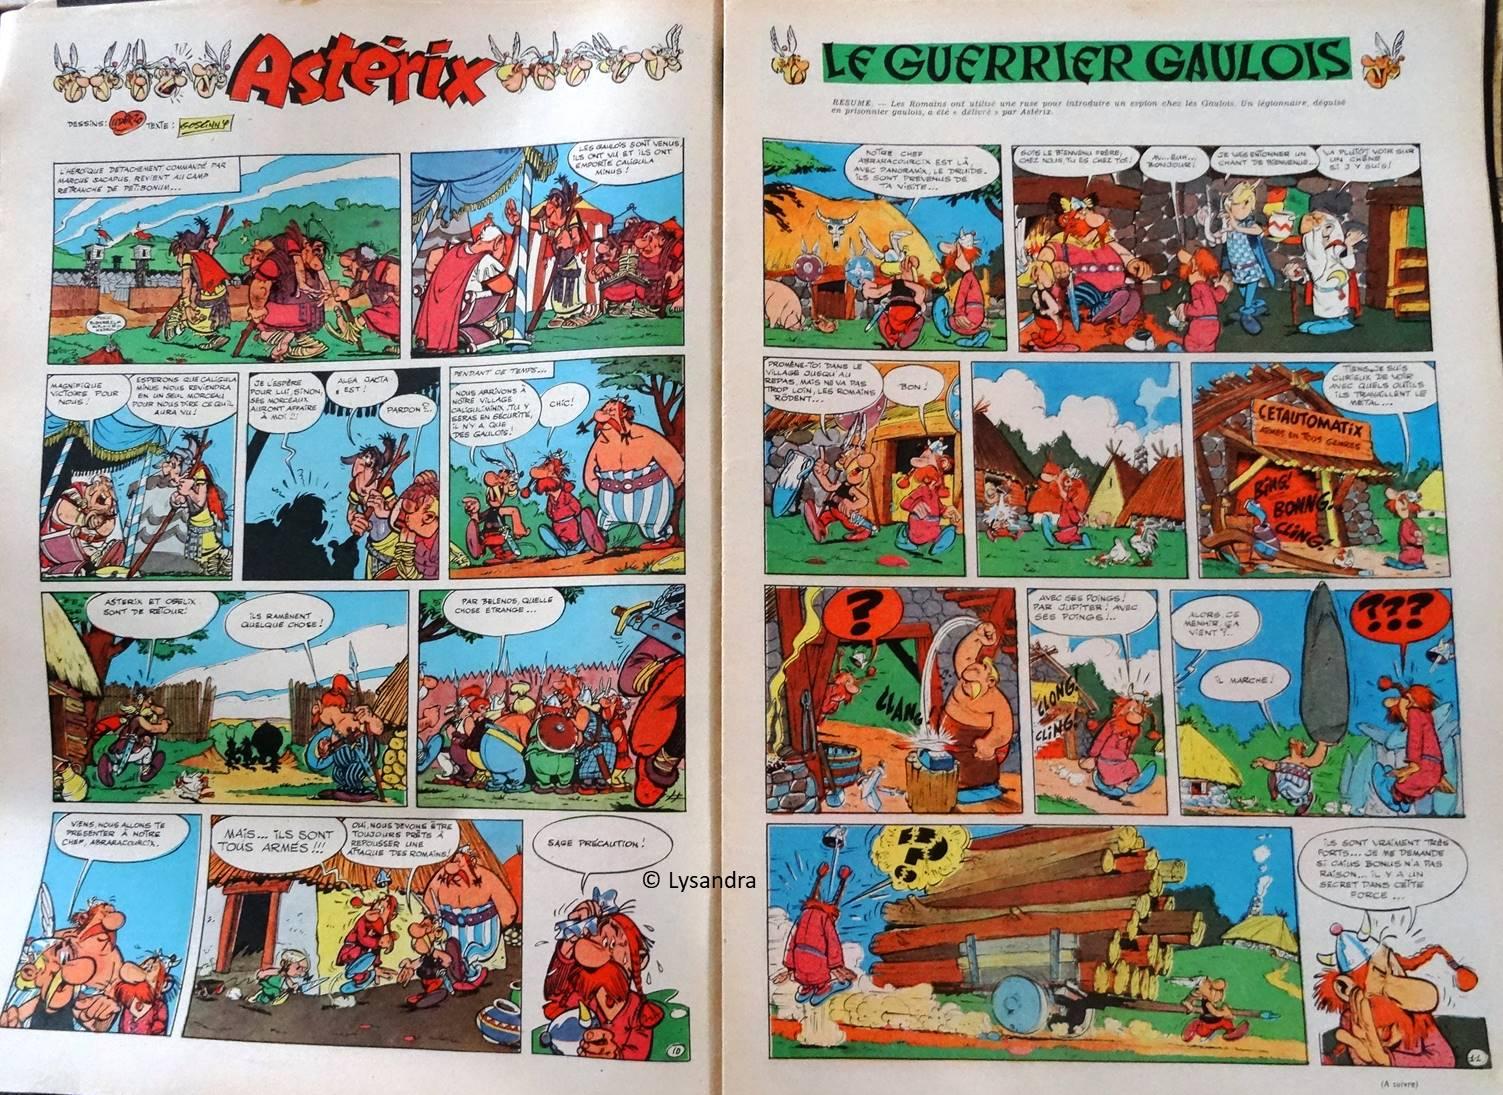 Mes dernières acquisitions Astérix - Page 32 Ybg3v